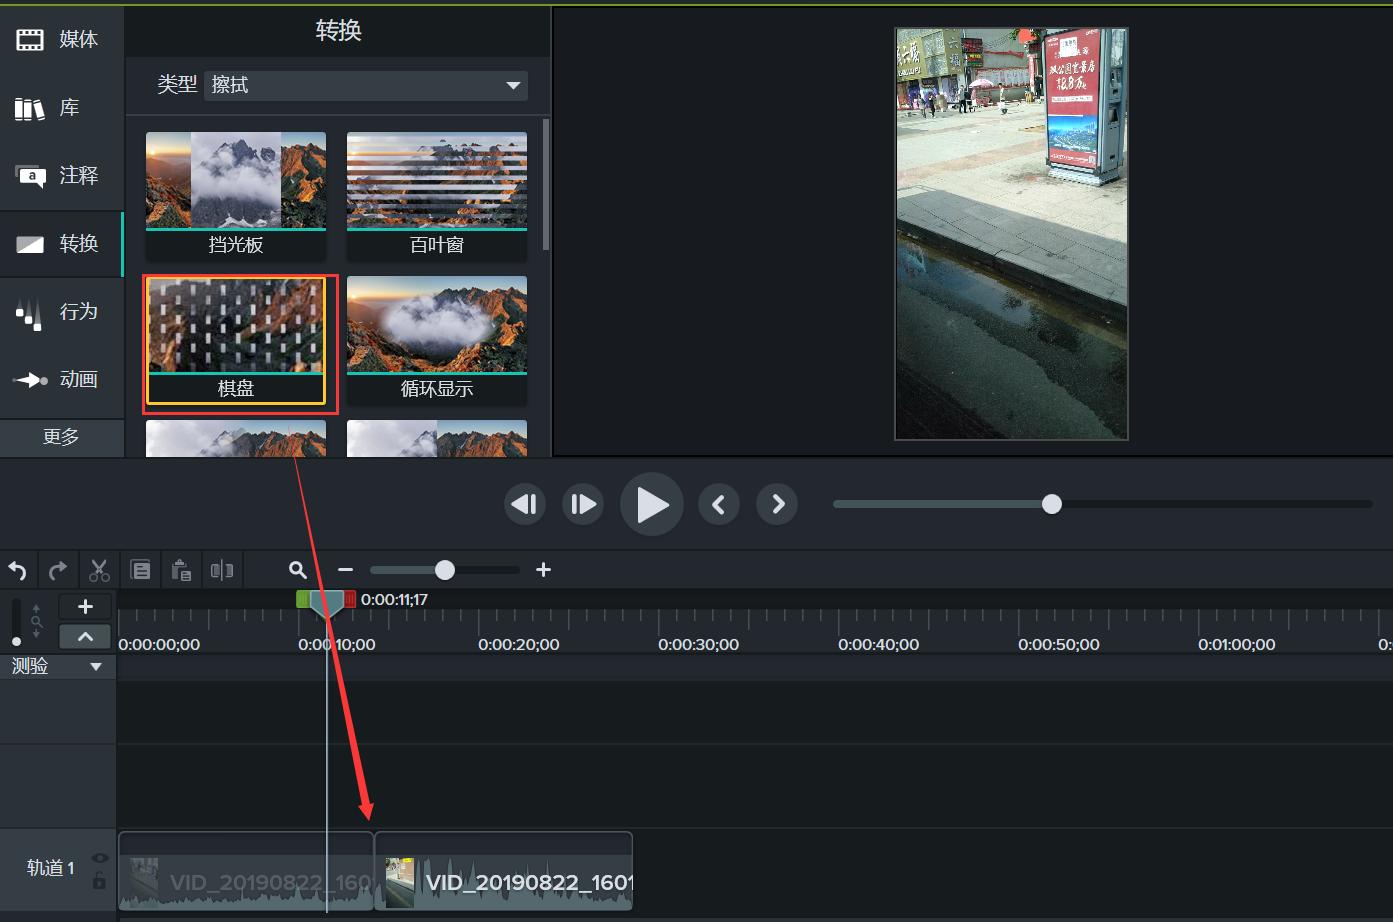 给两段视频间添加转换效果